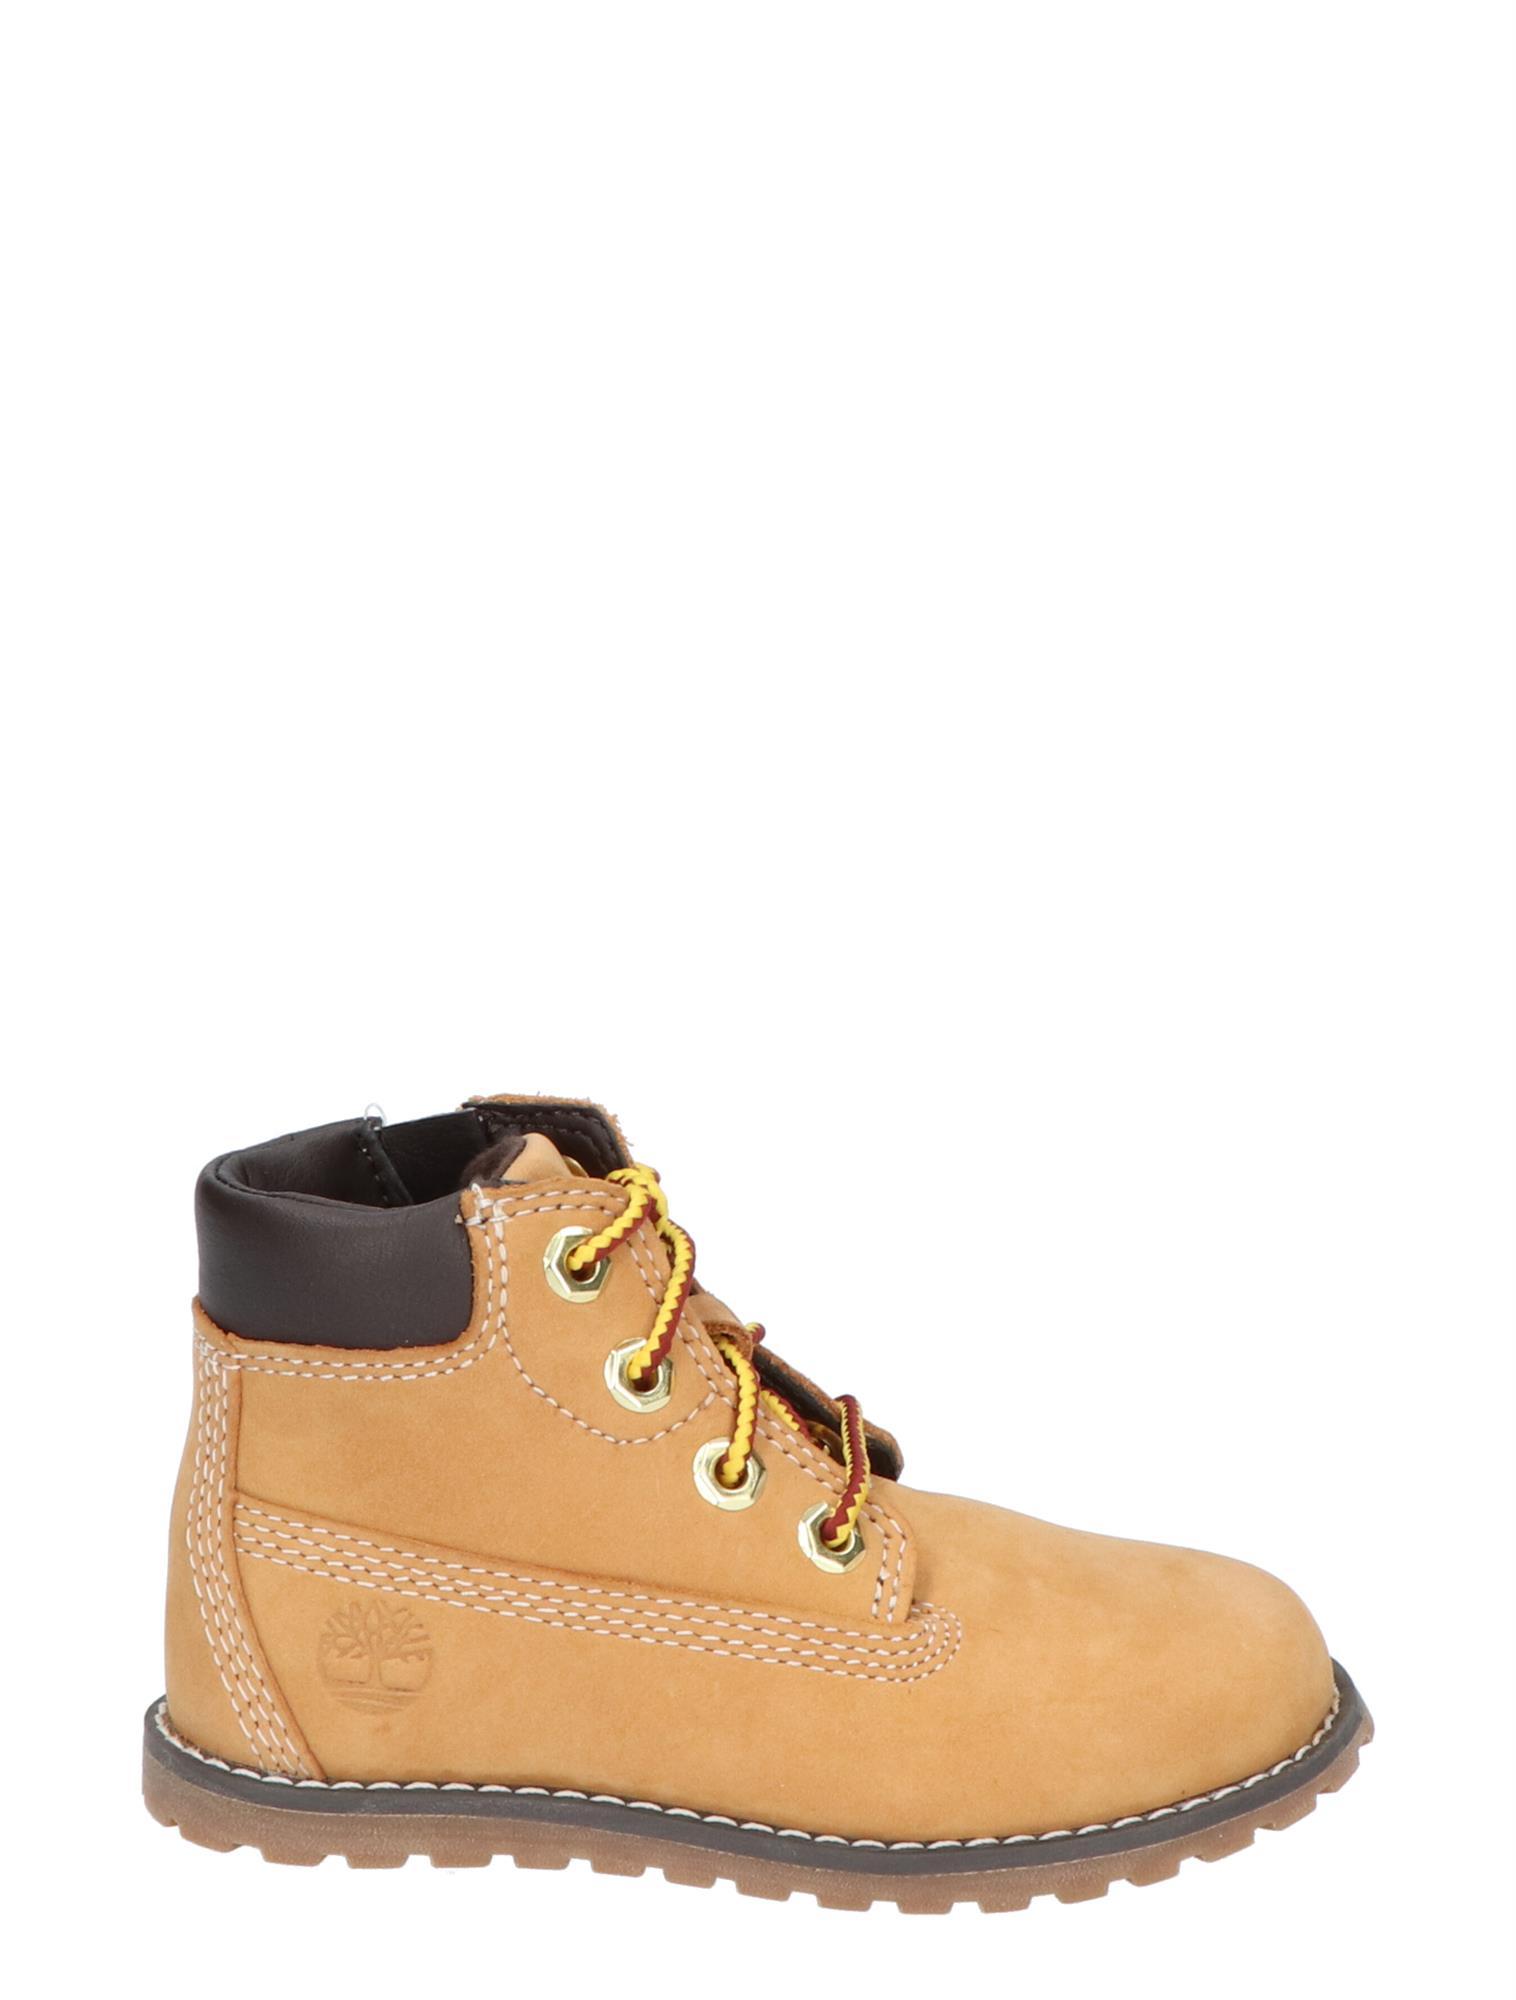 Timberland Pokeypine Boot Wheat Veter Boots Boots Nolten